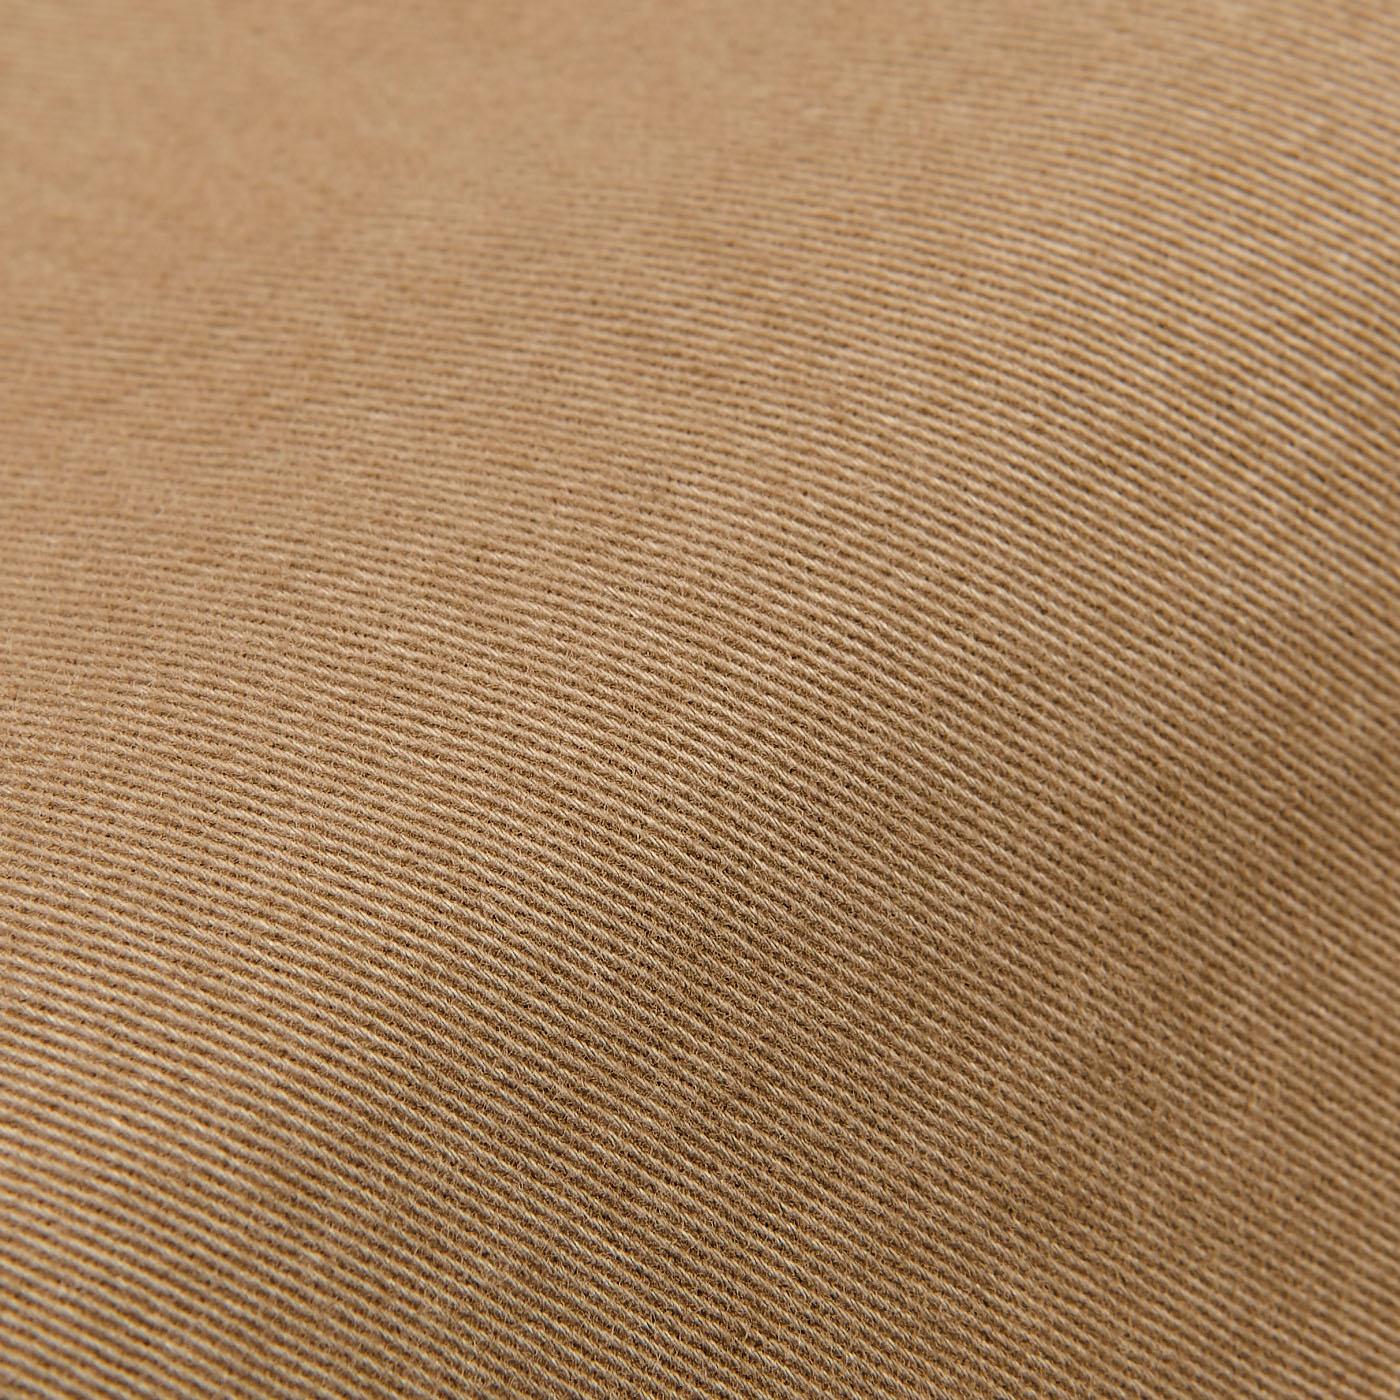 Berwich Beige Cotton Gabardine Stretch Chinos Fabric